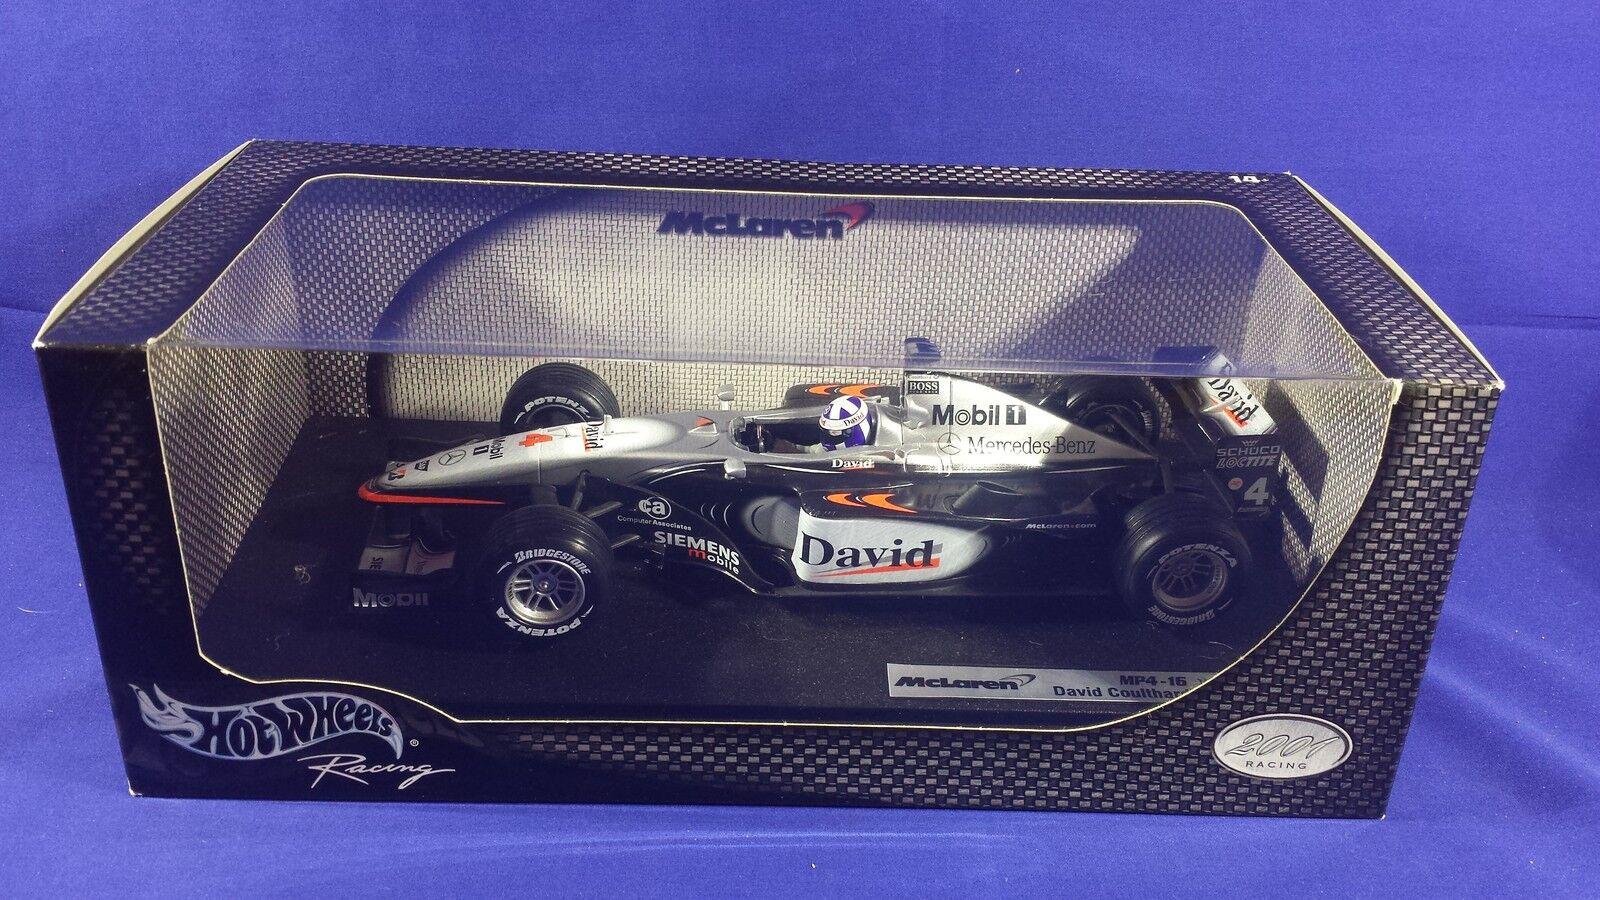 Hot Wheels McLaren Mercedes F1 1 18 Escala